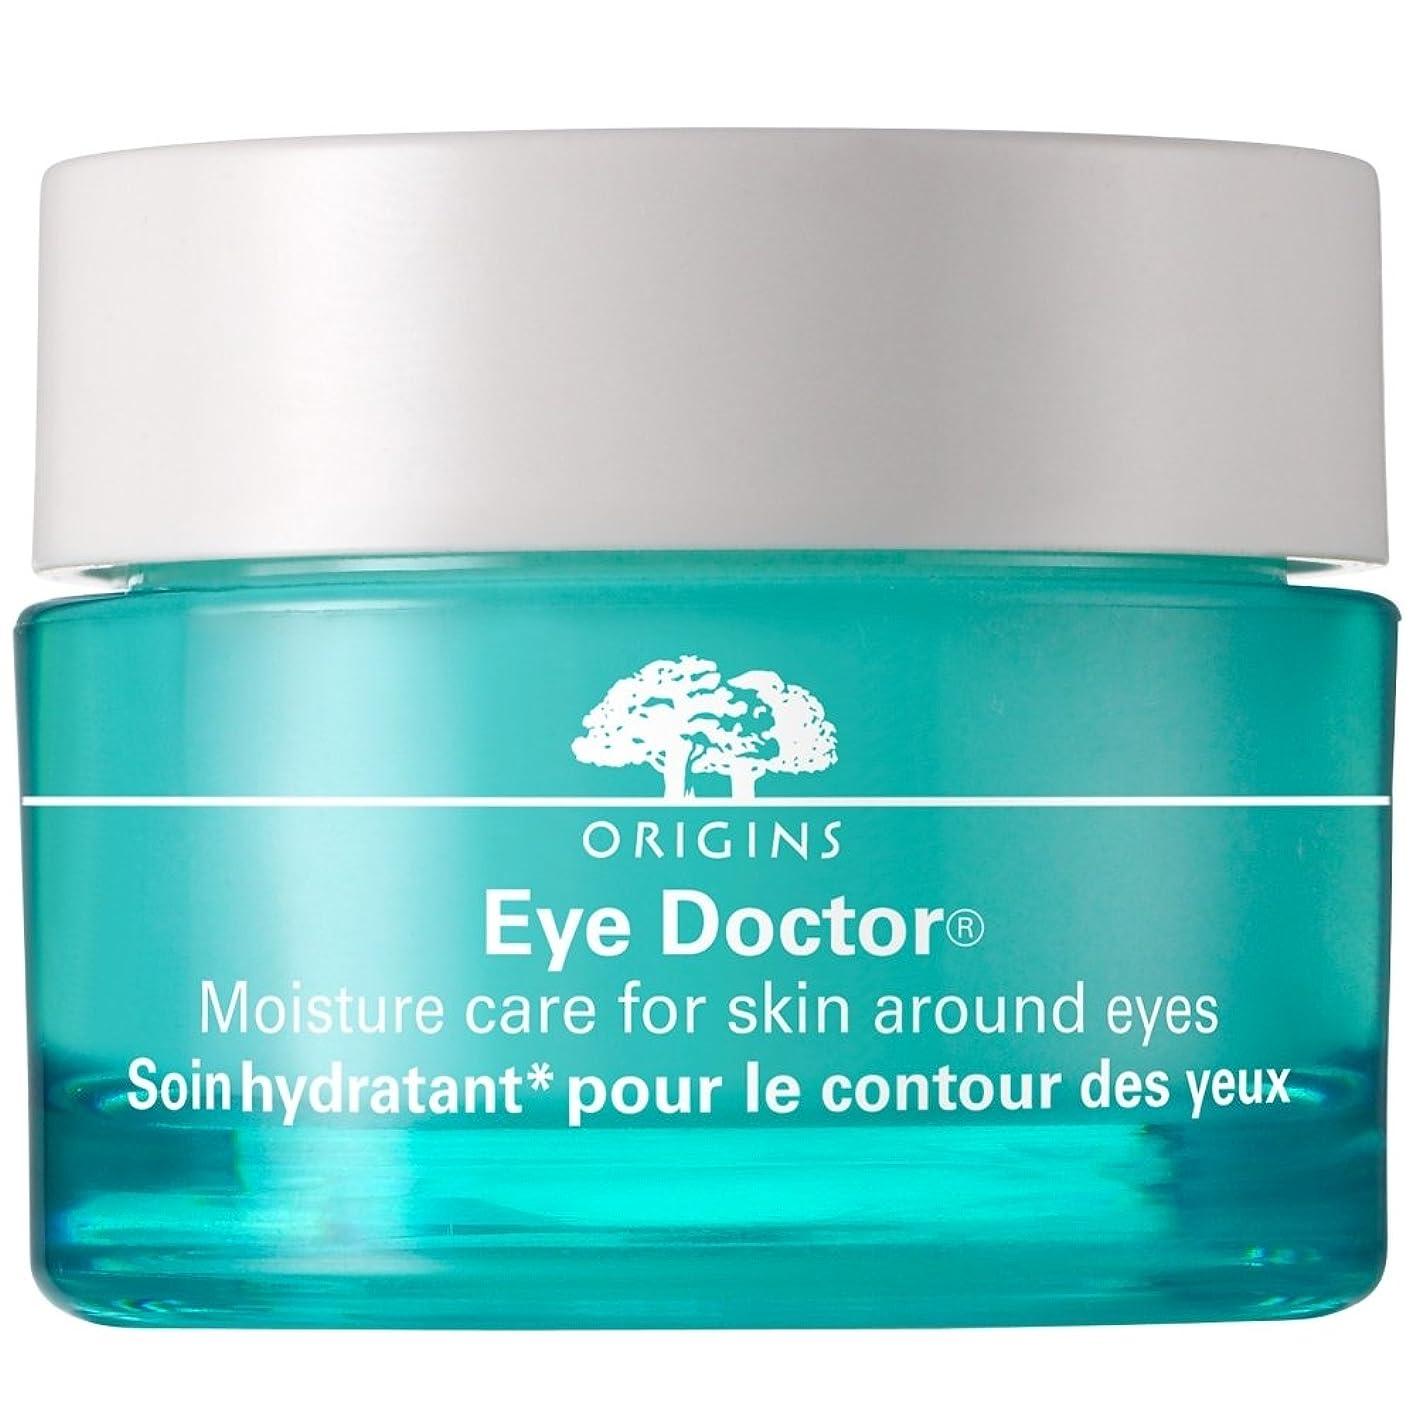 ウルル塩に渡って目の15ミリリットルの周りの肌のための水分ケアDoctor?起源目 (Origins) (x2) - Origins Eye Doctor? Moisture Care For Skin Around Eyes 15ml (Pack of 2) [並行輸入品]